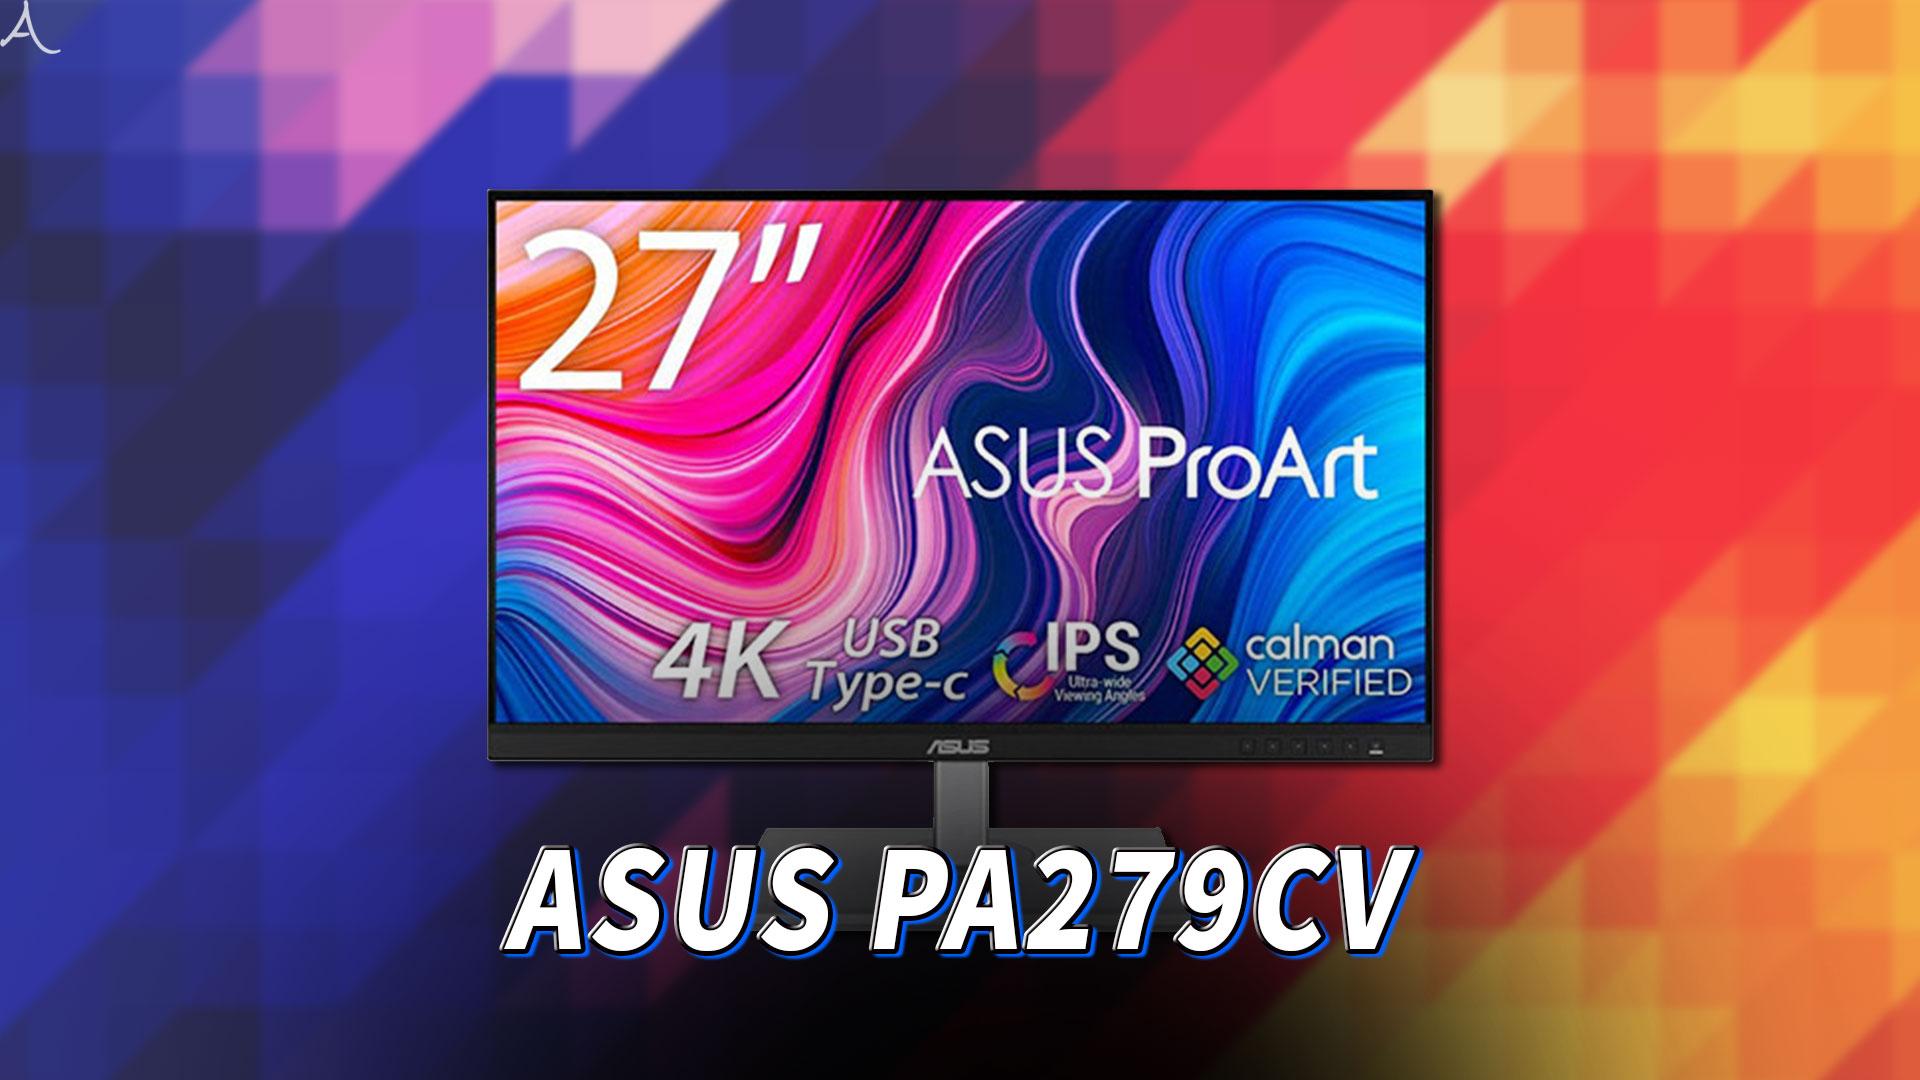 「ASUS ProArt PA279CV」ってモニターアーム使える?VESAサイズやおすすめアームはどれ?